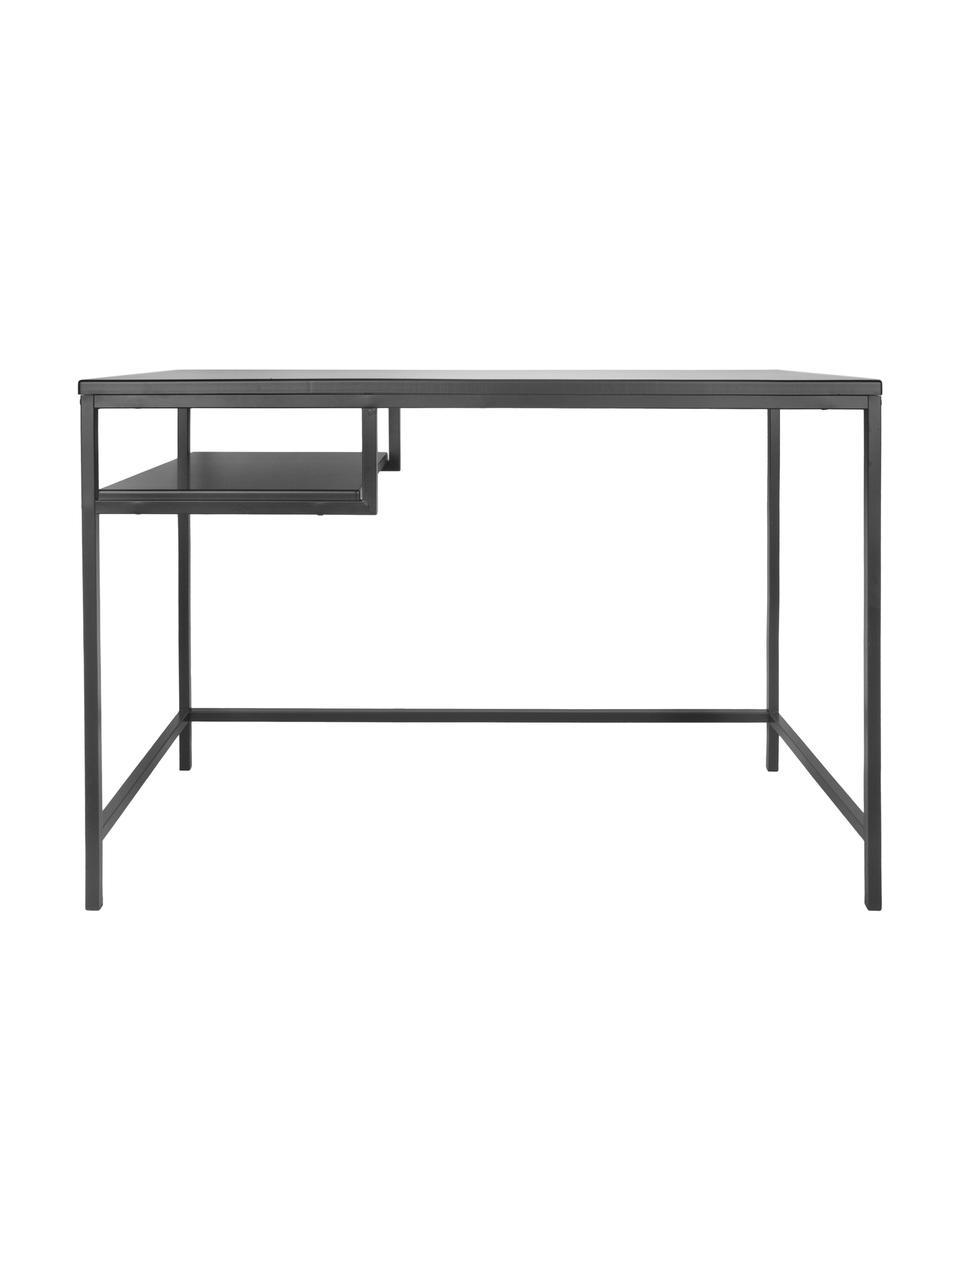 Schreibtisch Fushion in Schwarz, Gestell: Metall, pulverbeschichtet, Schwarz, B 114 x T 59 cm